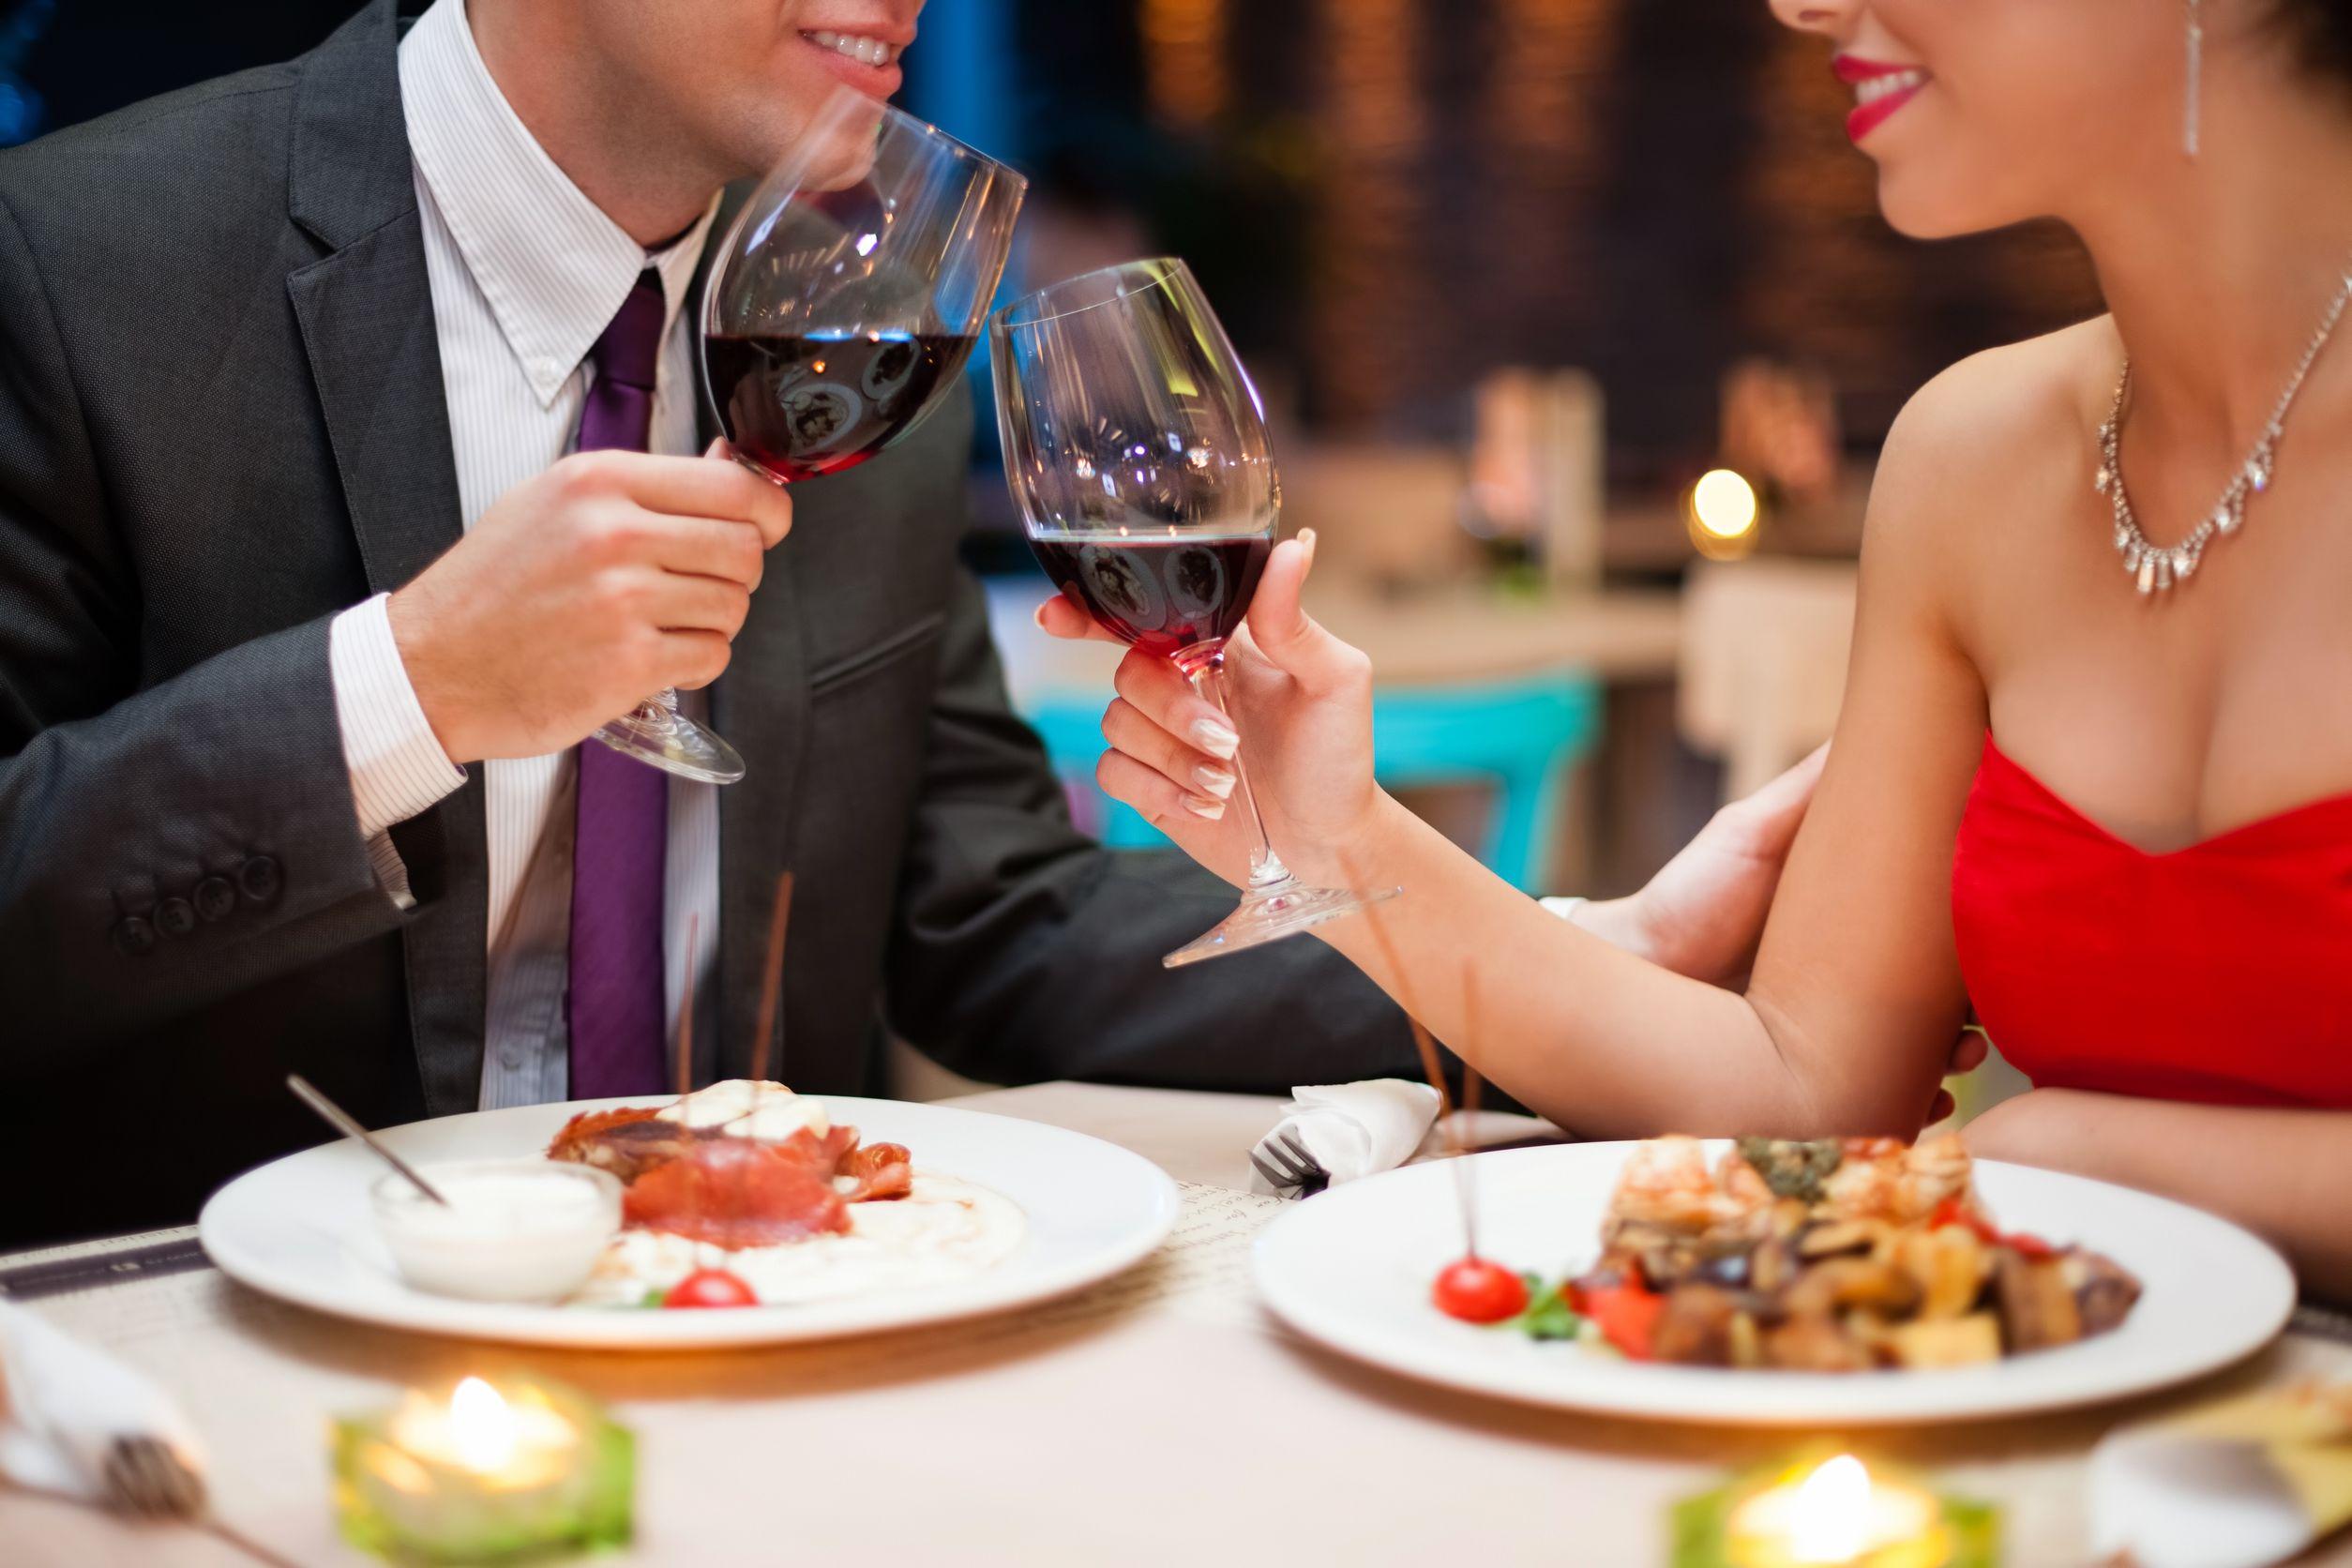 בית המשפט ביטל שומות בעניין הכנסה עסקית בלתי סבירה למסעדה